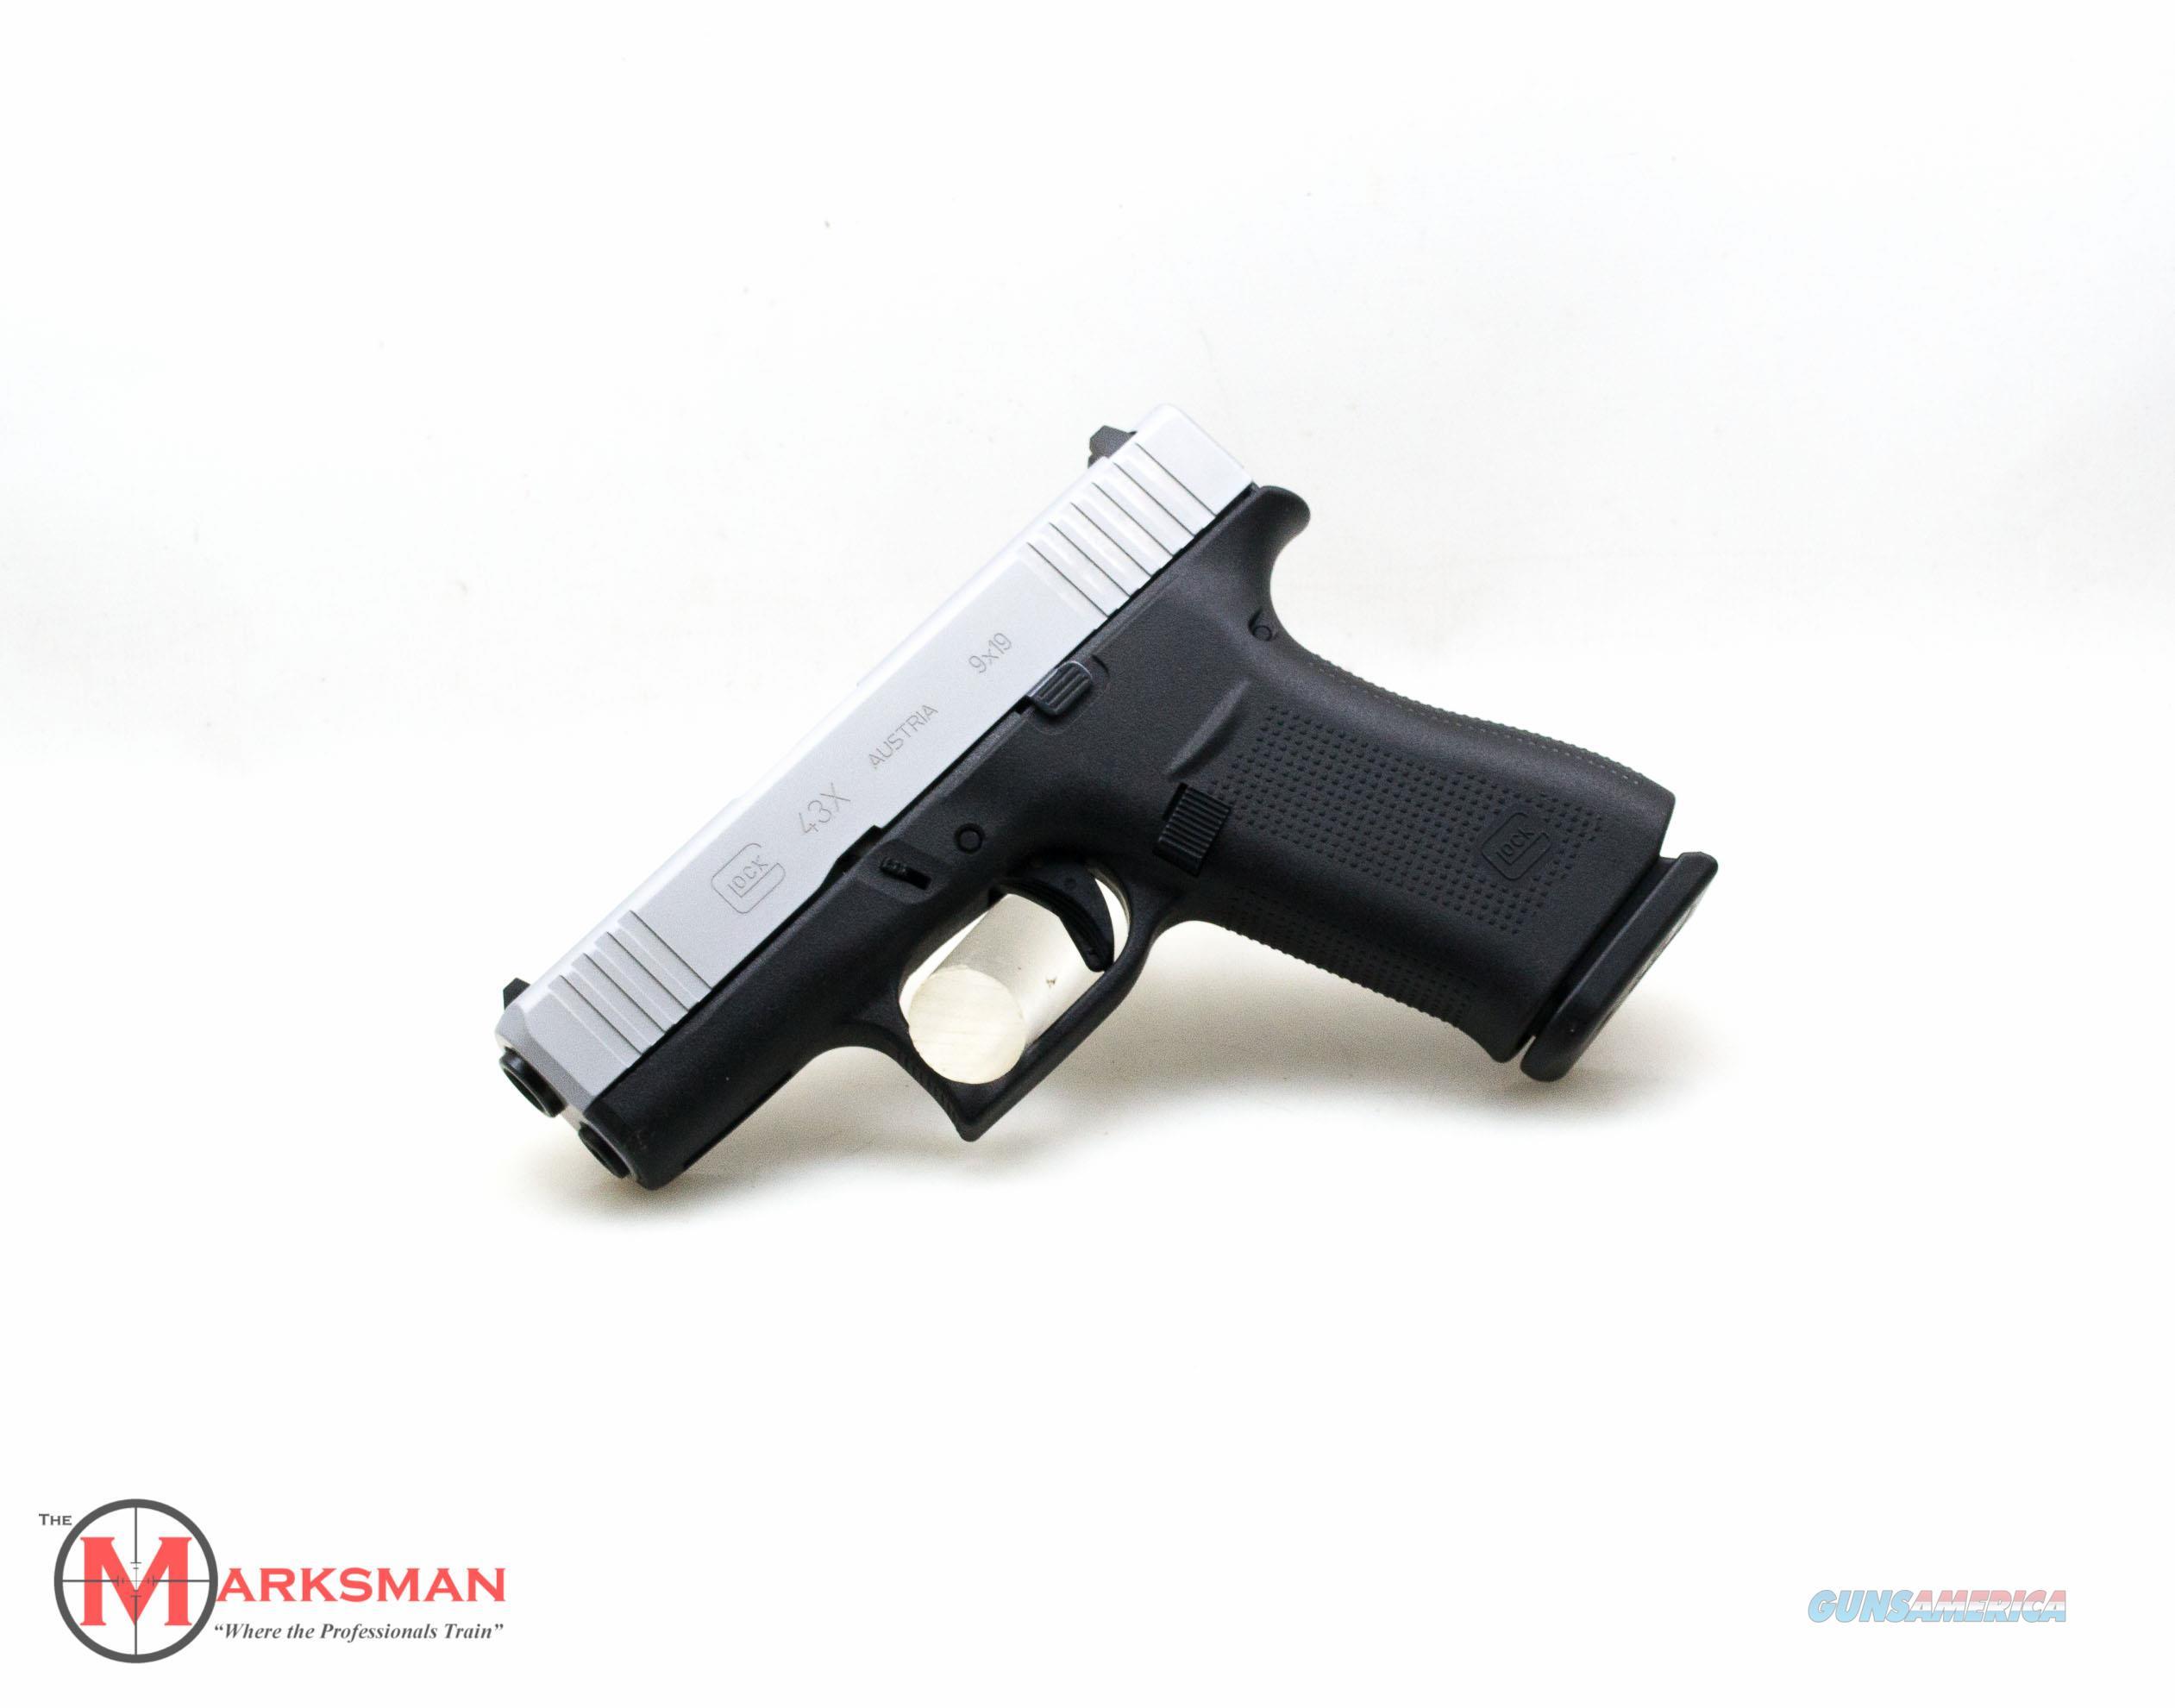 Glock 43X 9mm NEW PX435SL201  Guns > Pistols > Glock Pistols > 43/43X